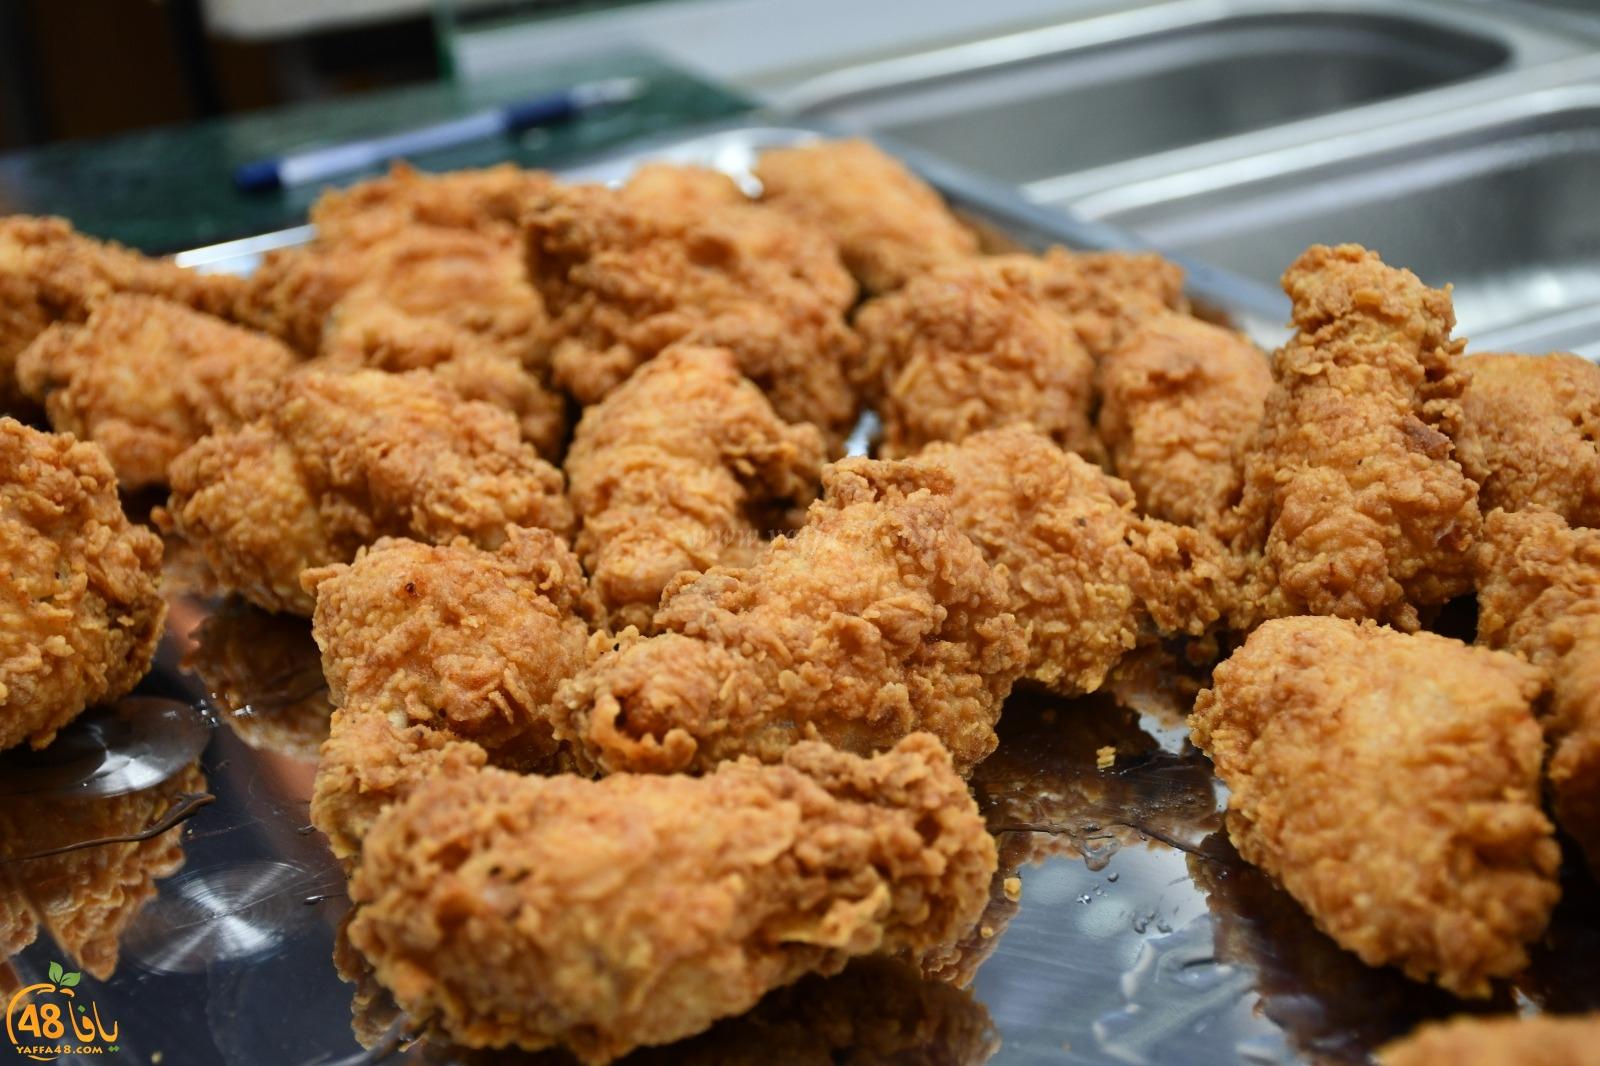 مطعم بالي بجيت بيافا يُهنئكم بحلول العيد ويدعوكم لتذوّق وجبات كنتاكي اللذيذة